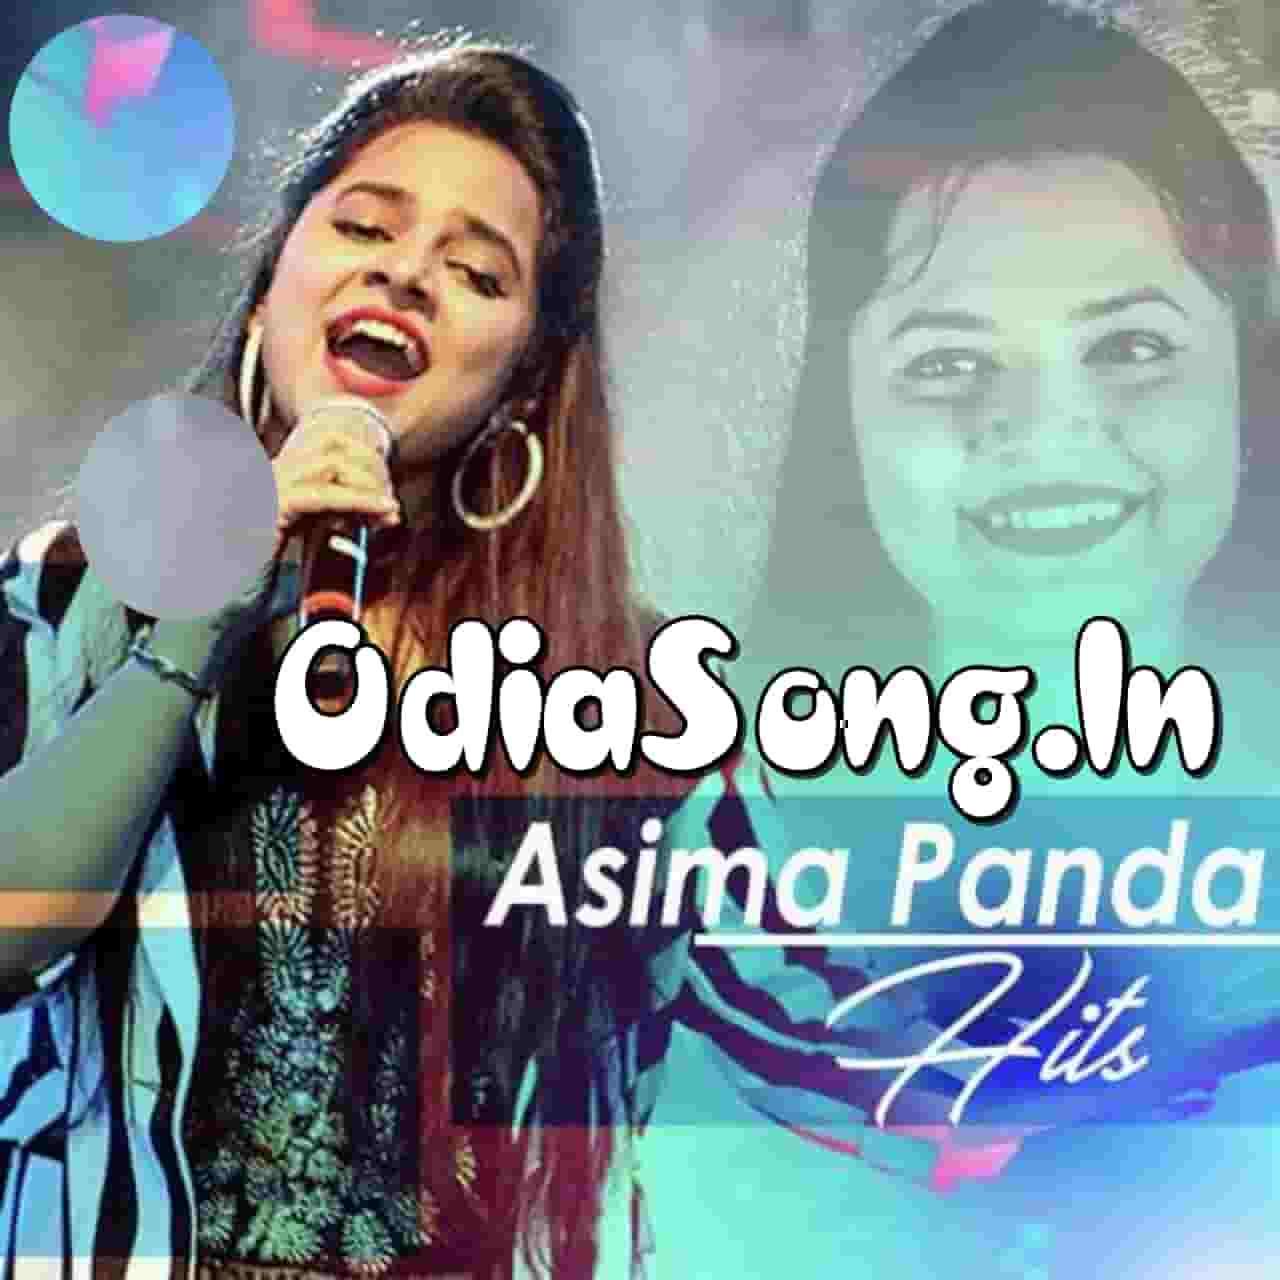 Rakhi - Odia Song (Asima Panda, Akash Panda)